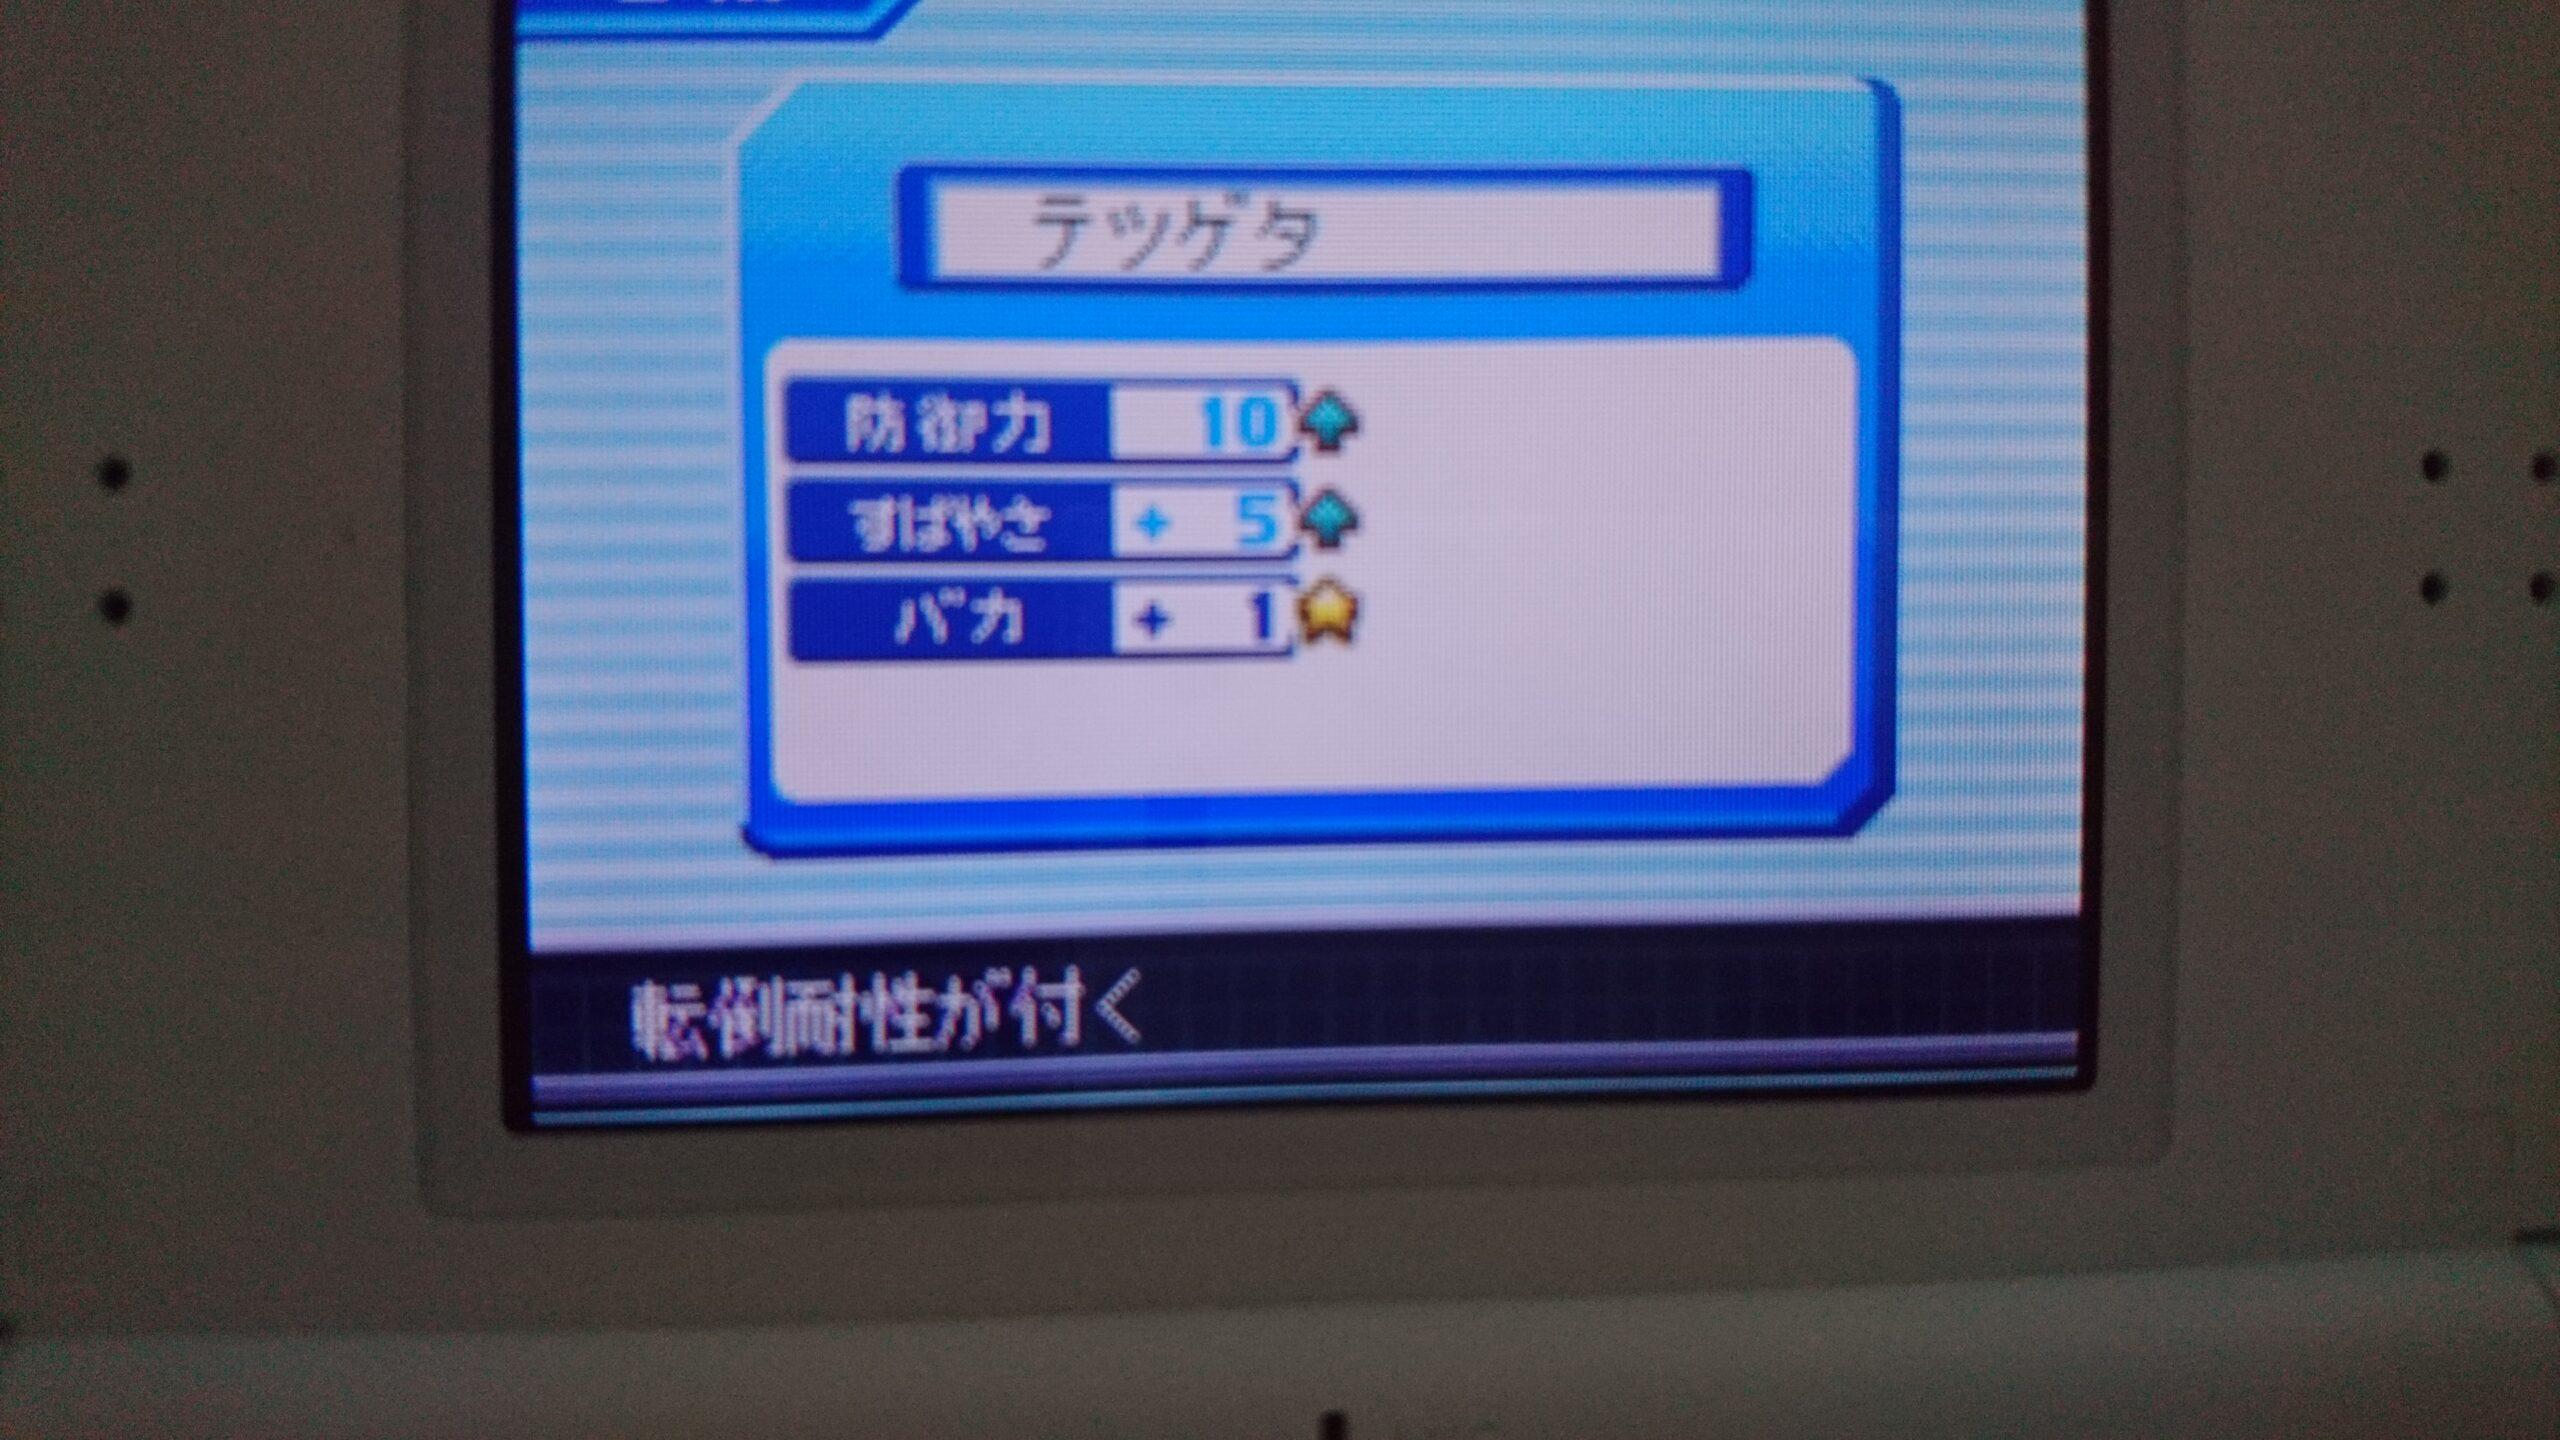 パワポケ11 高補正のテツゲタまとめ【すばやさ+5のバカゲタ】